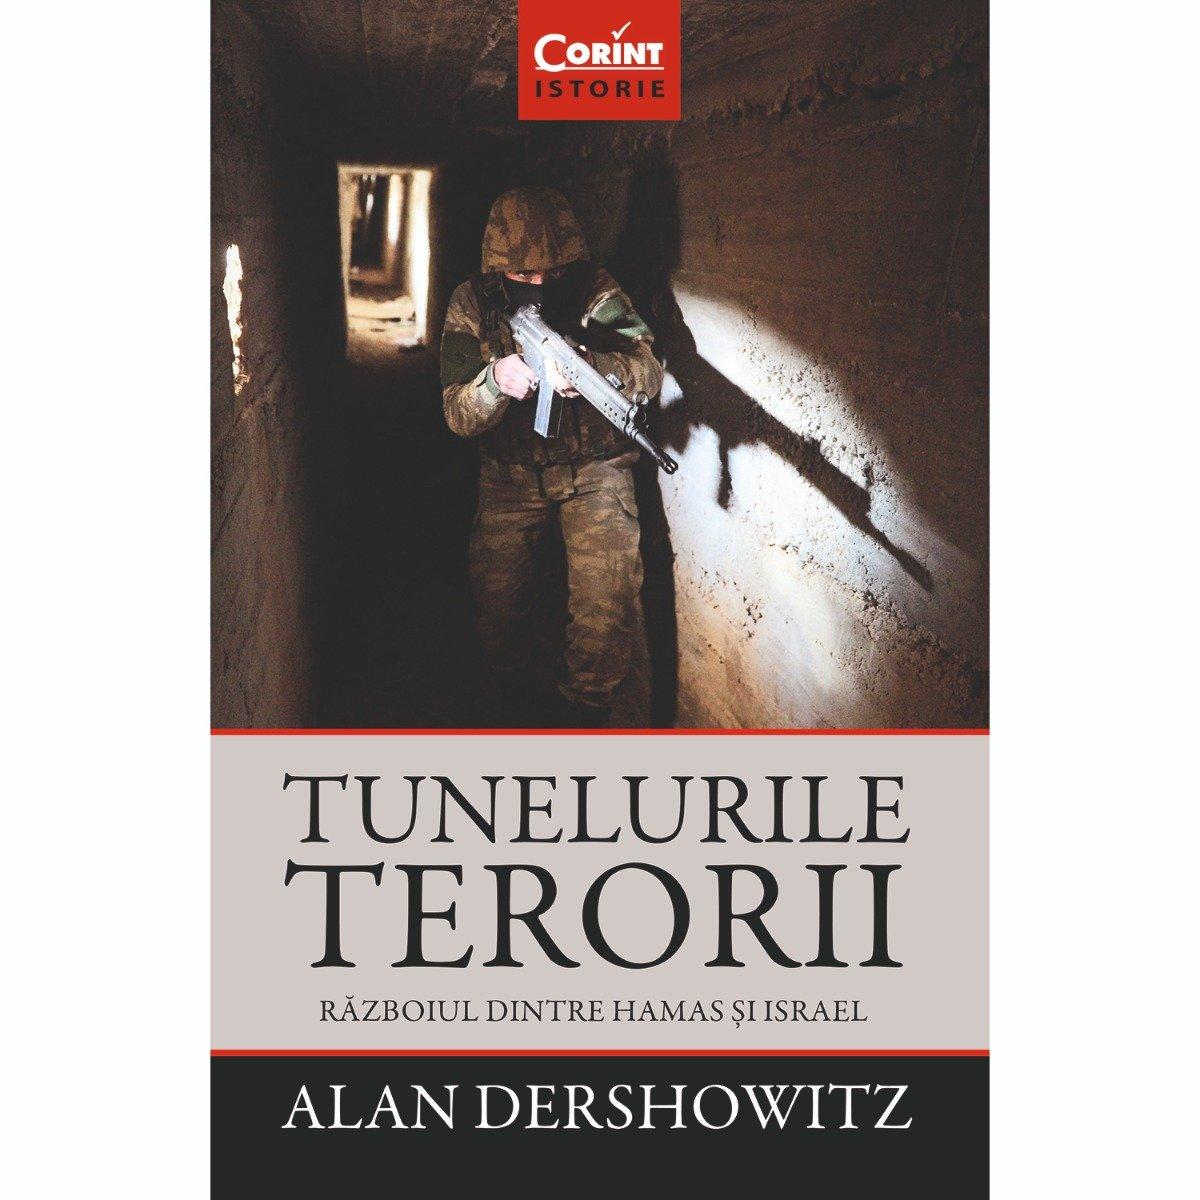 Carte Editura Corint, Tunelurile terorii. Razboiul dintre Hamas si Israel, Alan Dershowitz imagine